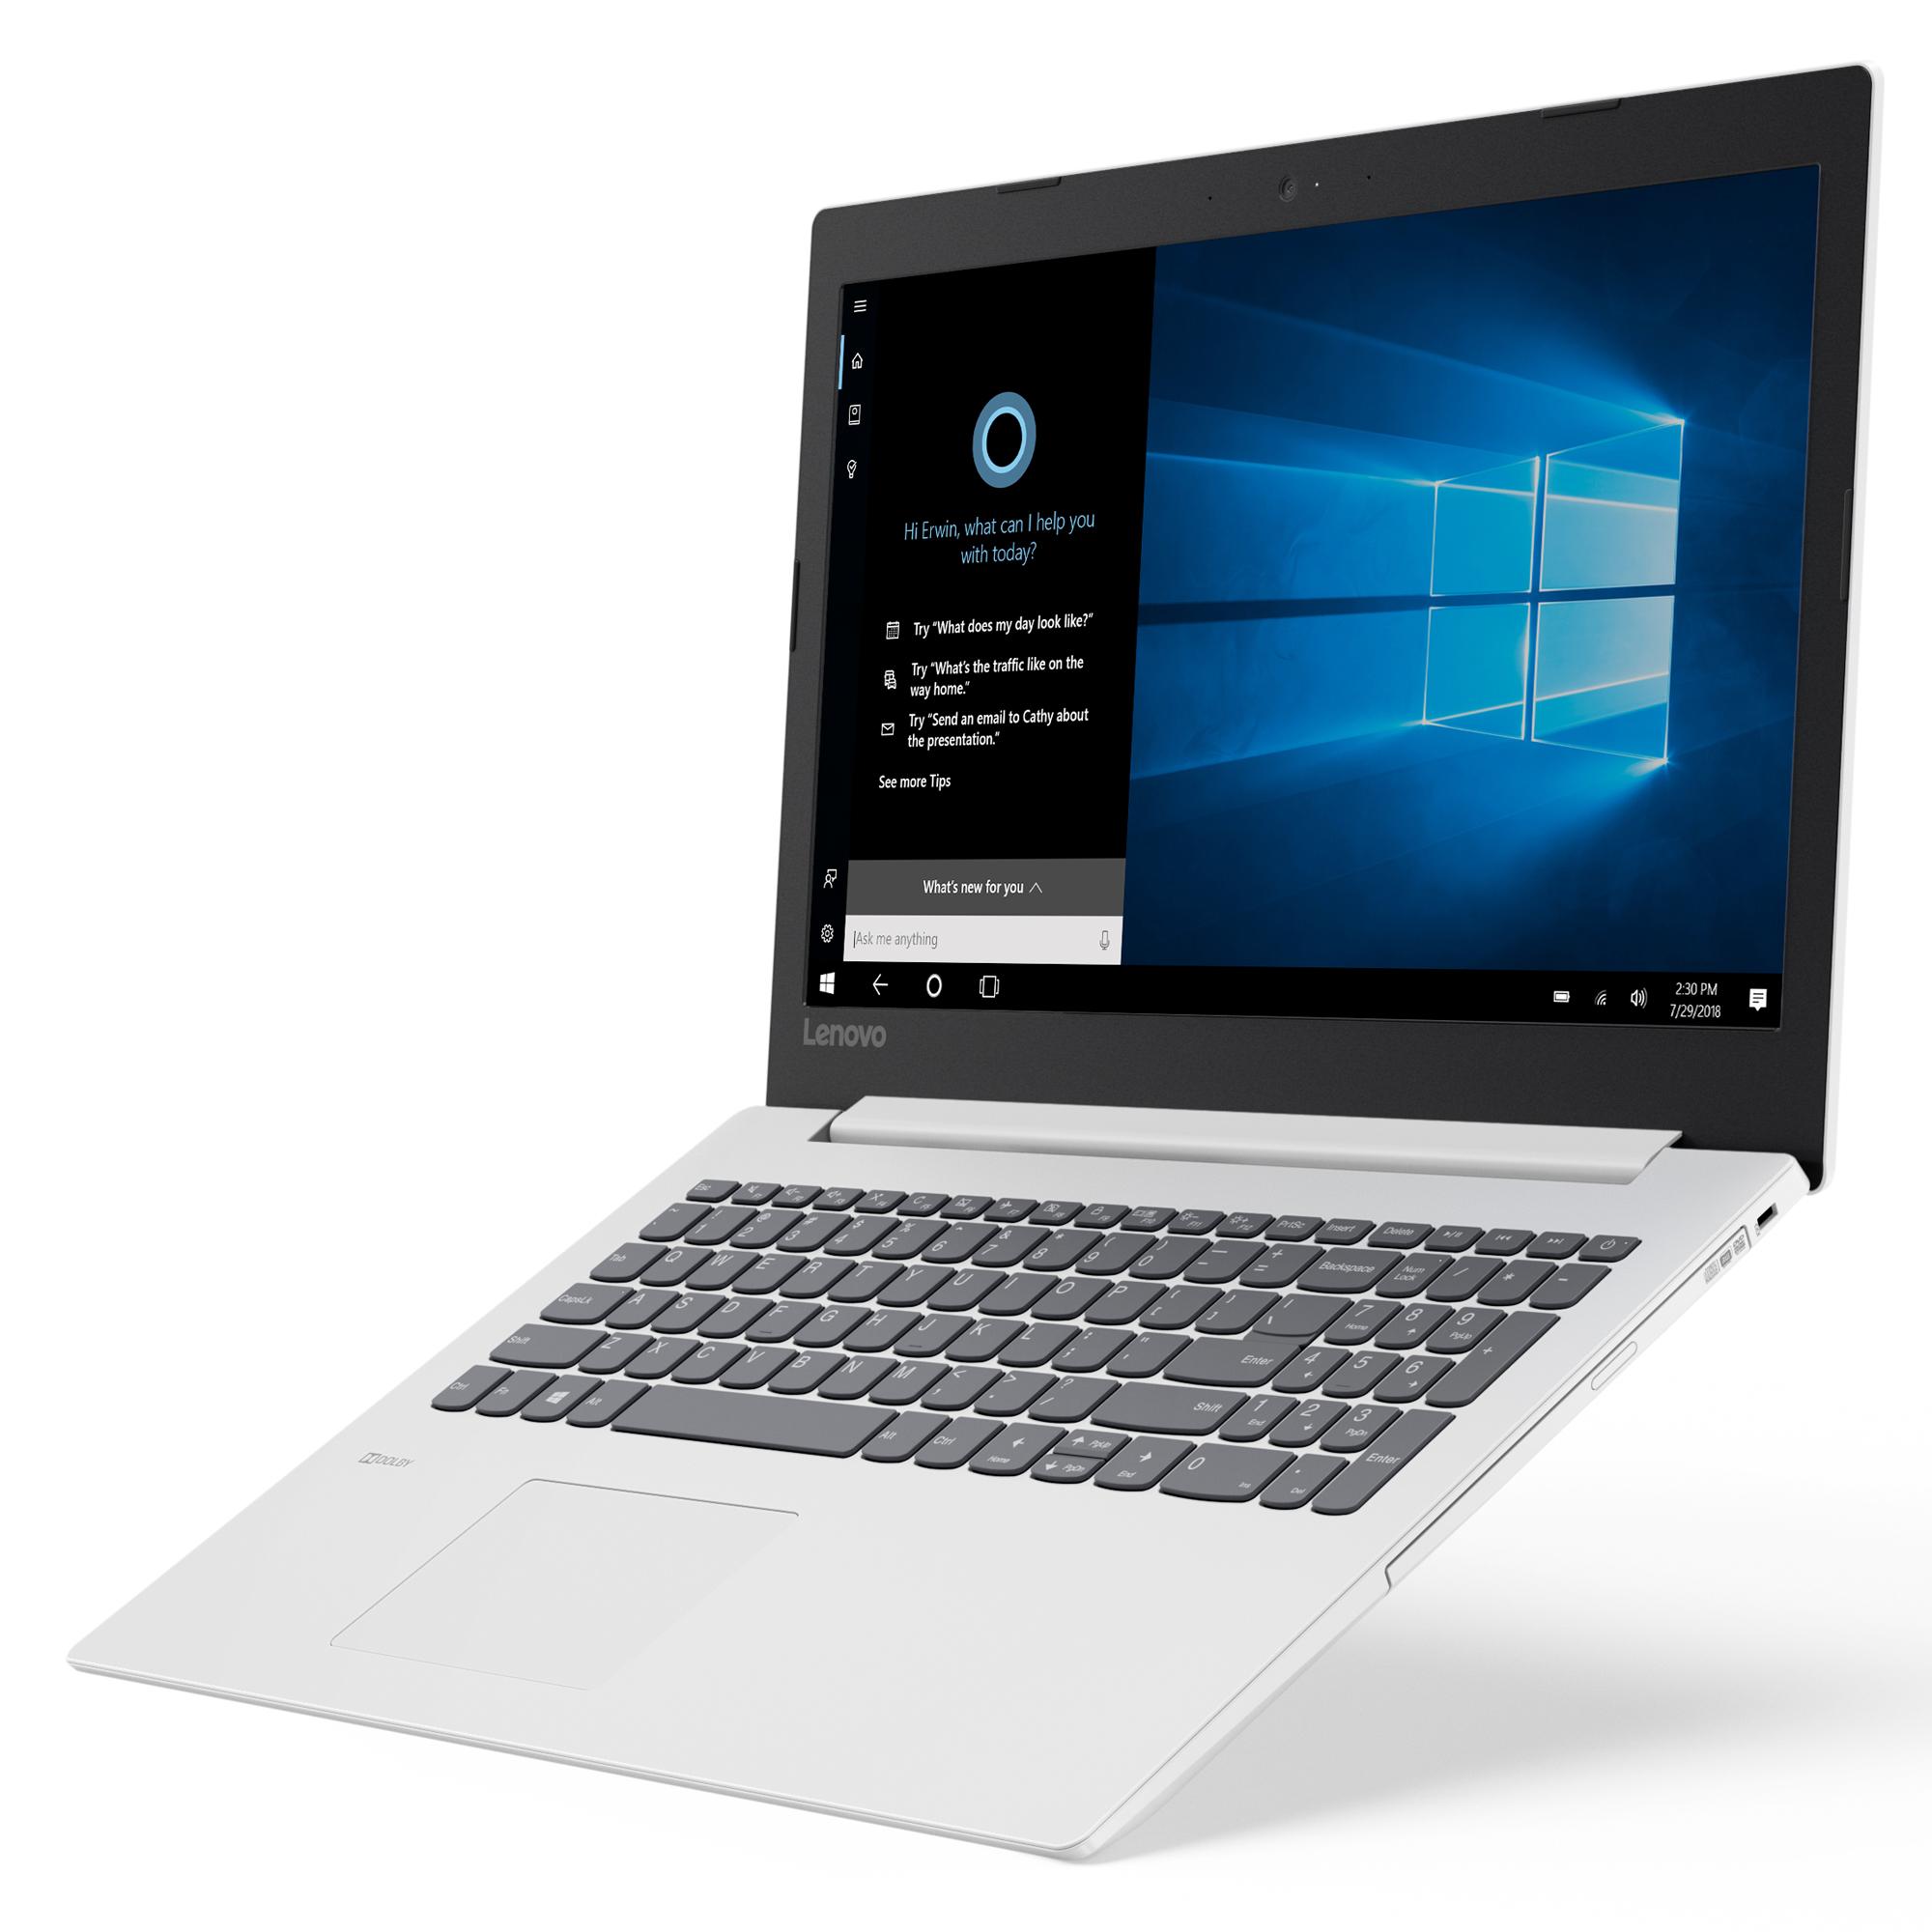 Фото  Ноутбук Lenovo ideapad 330-15 Blizzard White (81DE02EYRA)